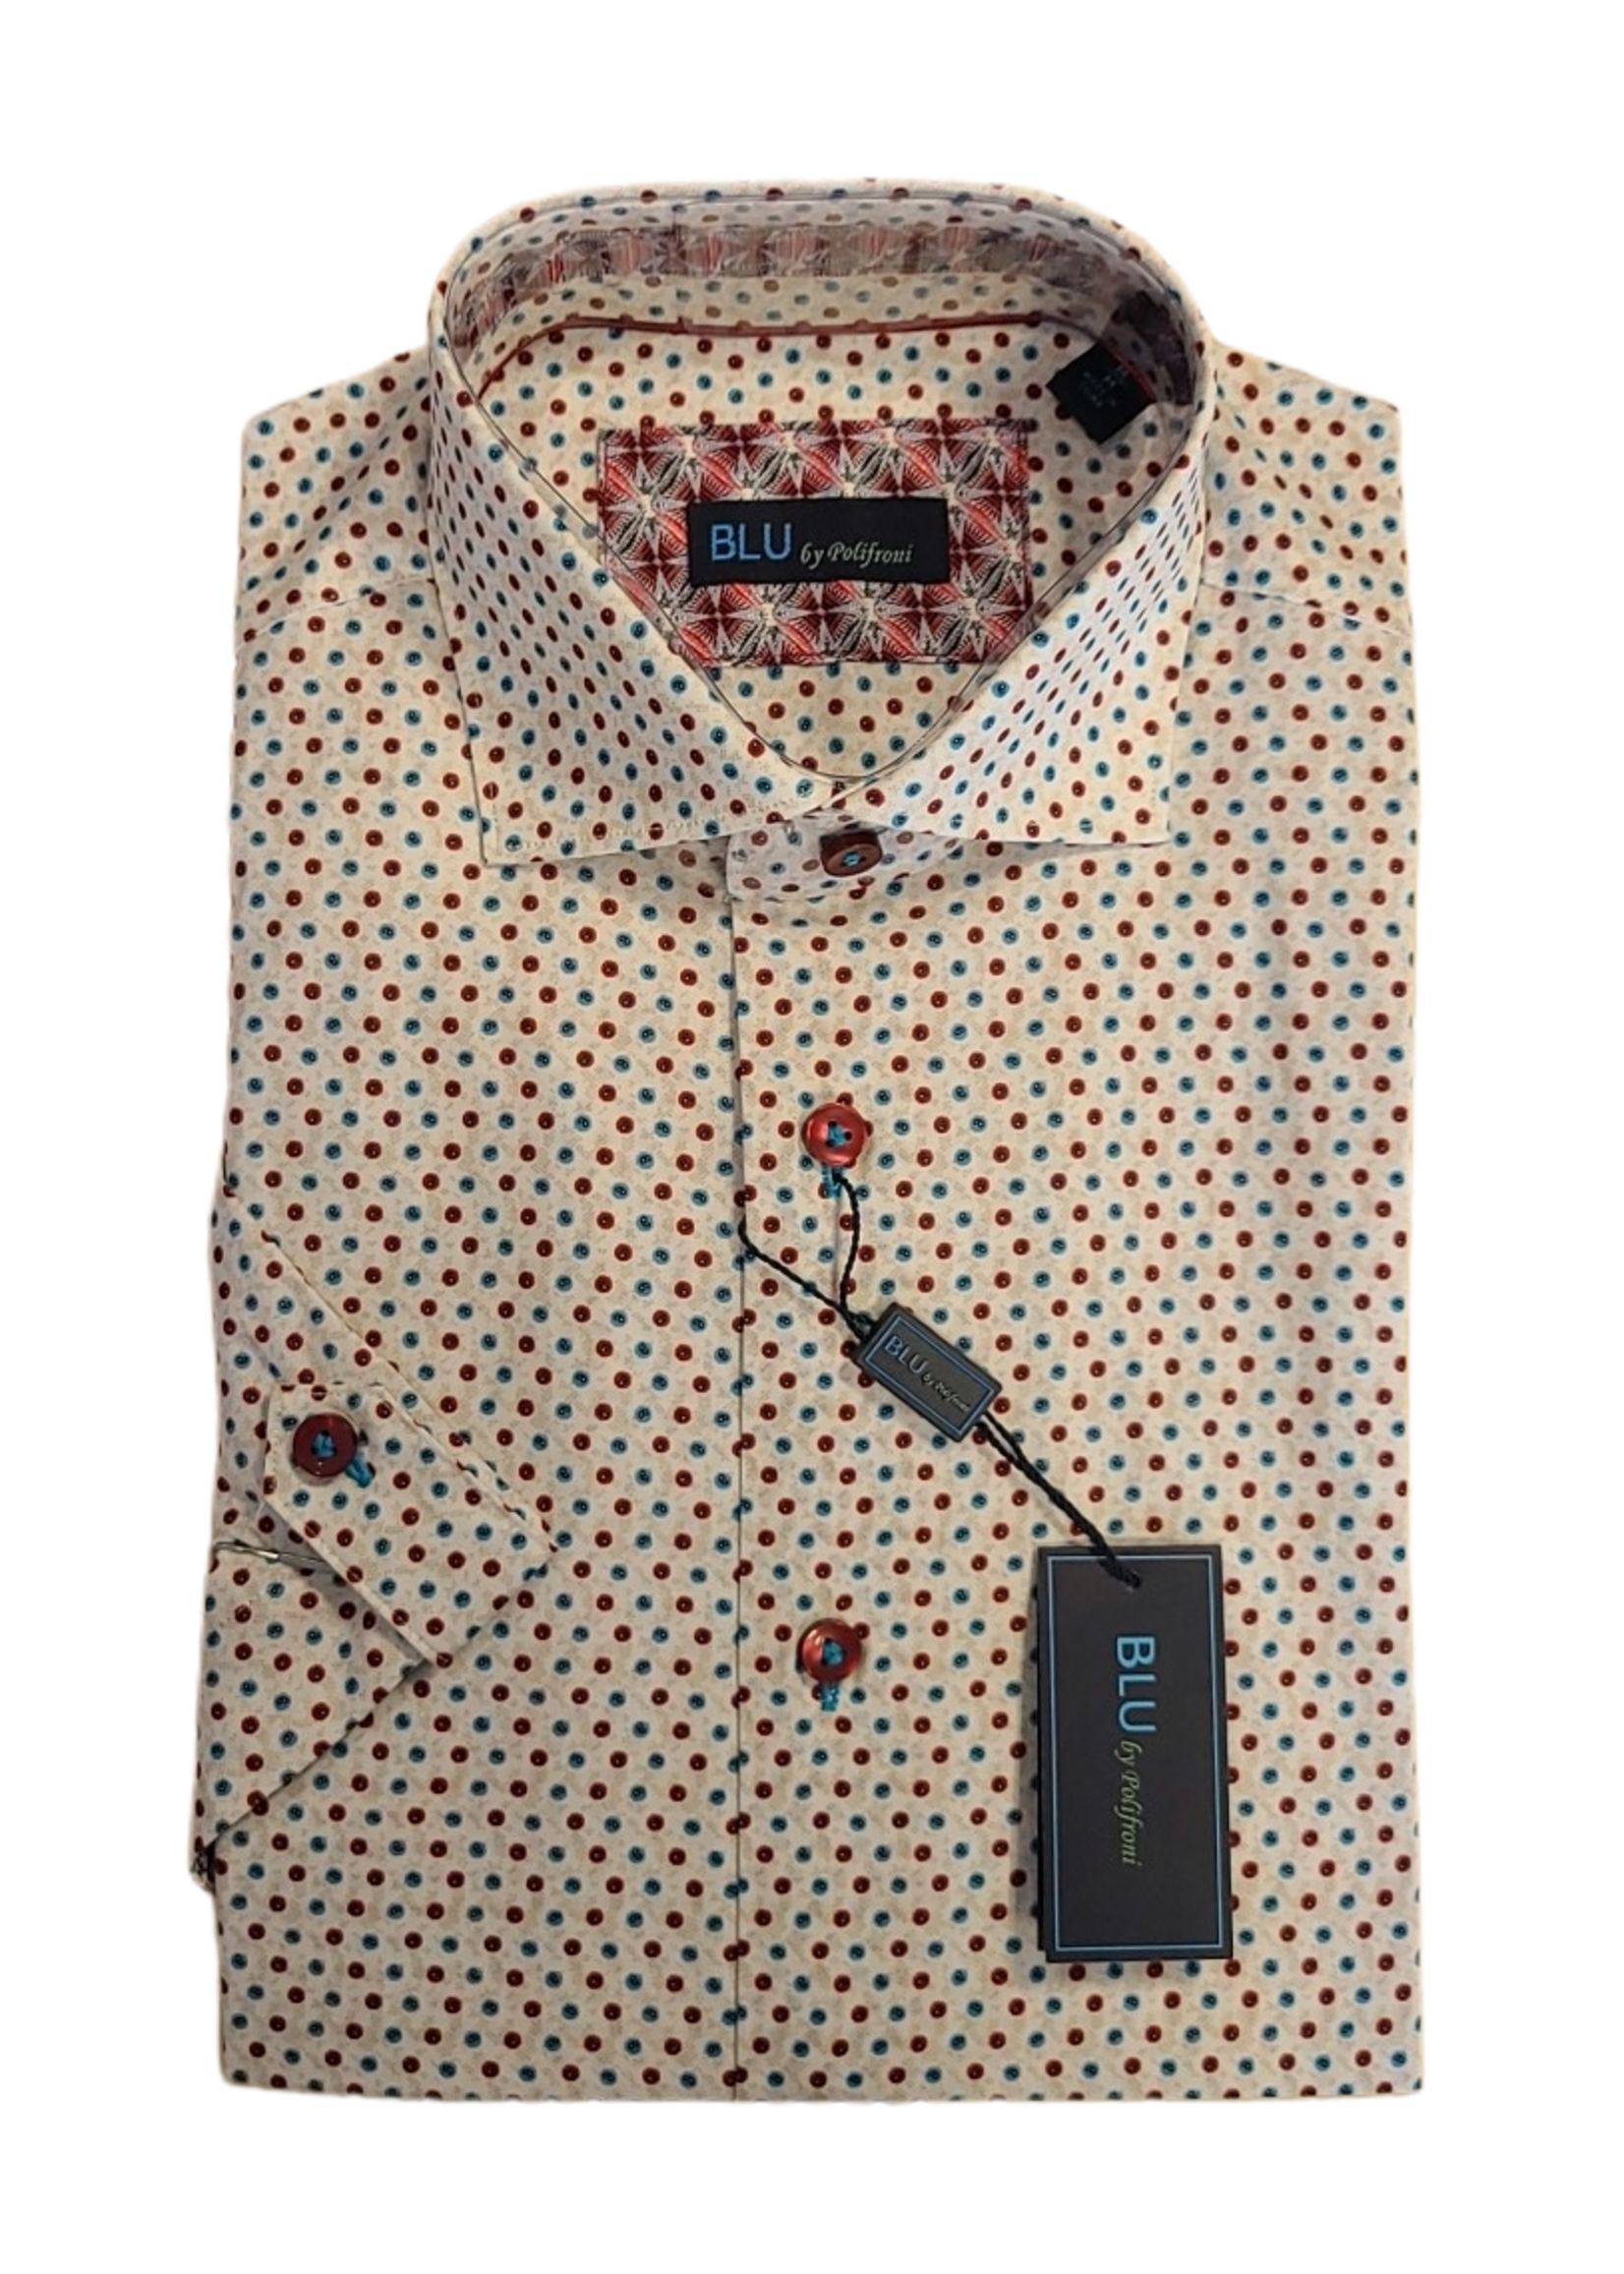 Blu Polifroni B-2147513 Short Sleeve Shirt